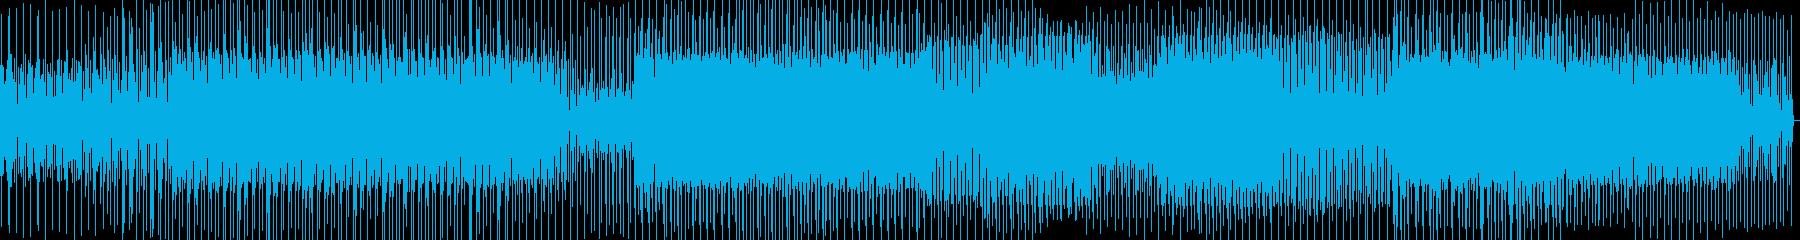 細かい音のミニマルテクノの再生済みの波形